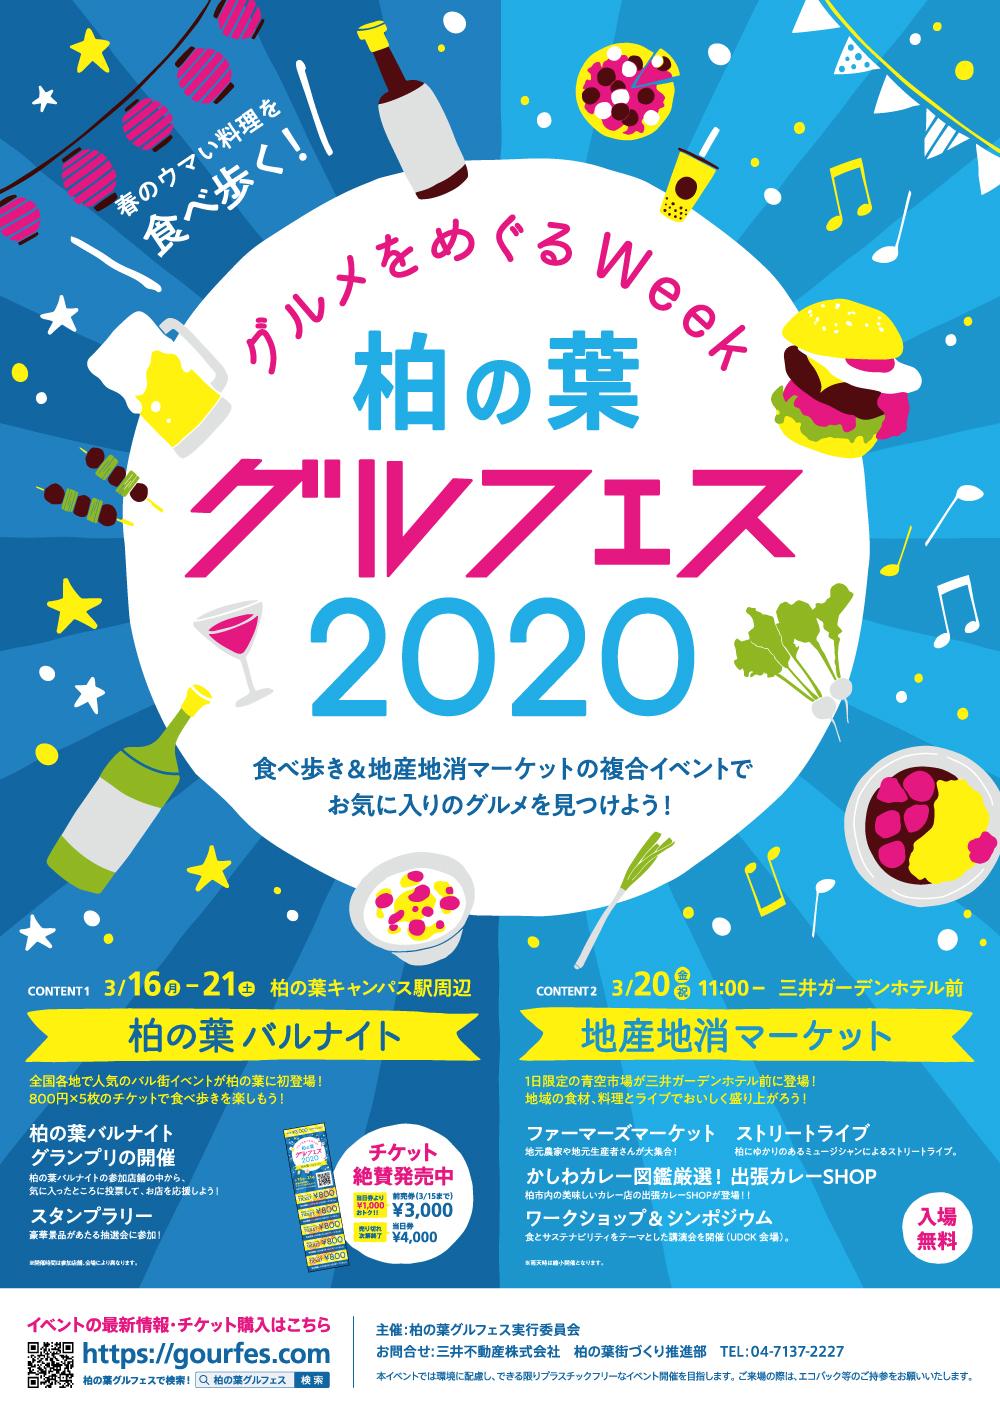 【イベント】柏の葉グルフェス ~グルメをめぐるWeek~開催のお知らせ(3/16-21)